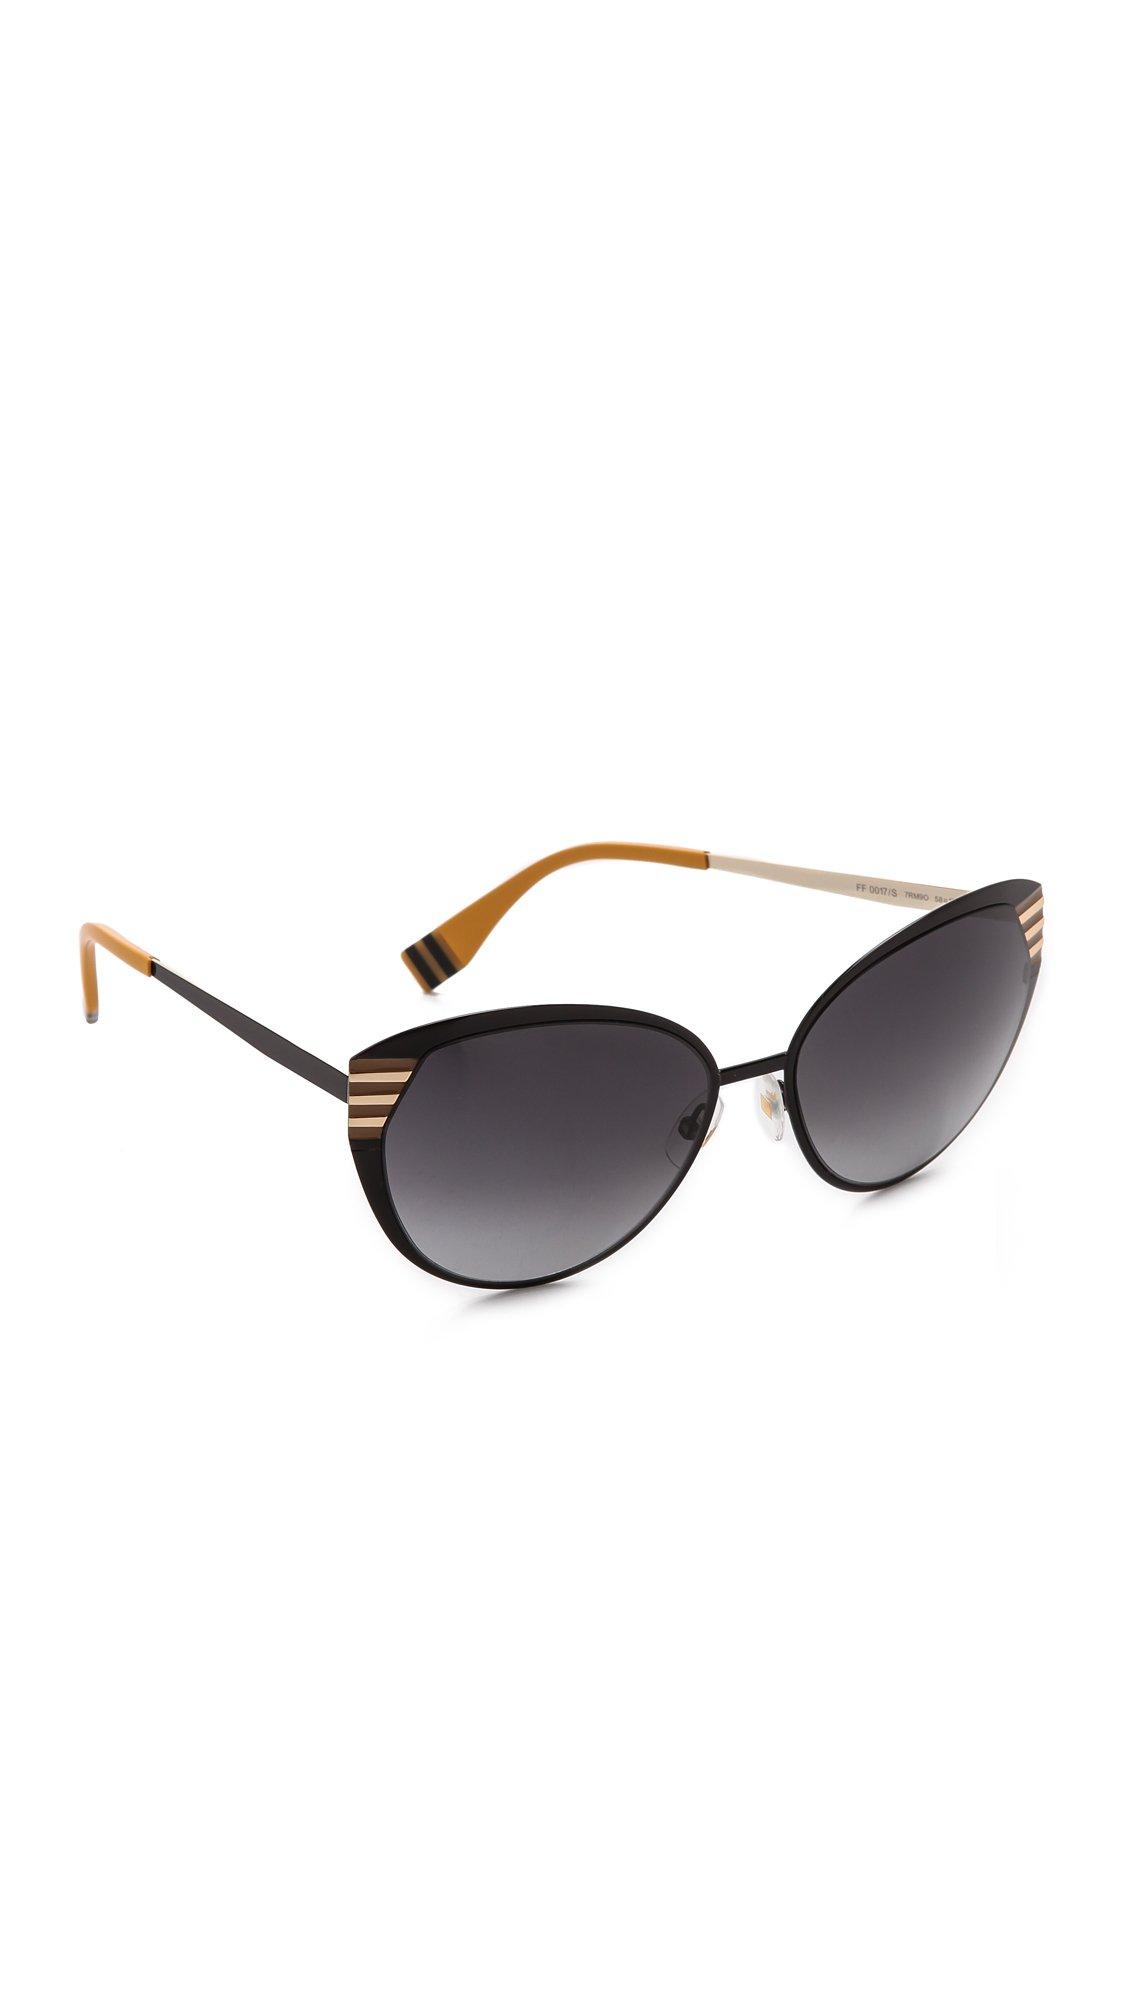 03a7be955f4a1 Fendi Sunglasses Cat Eye